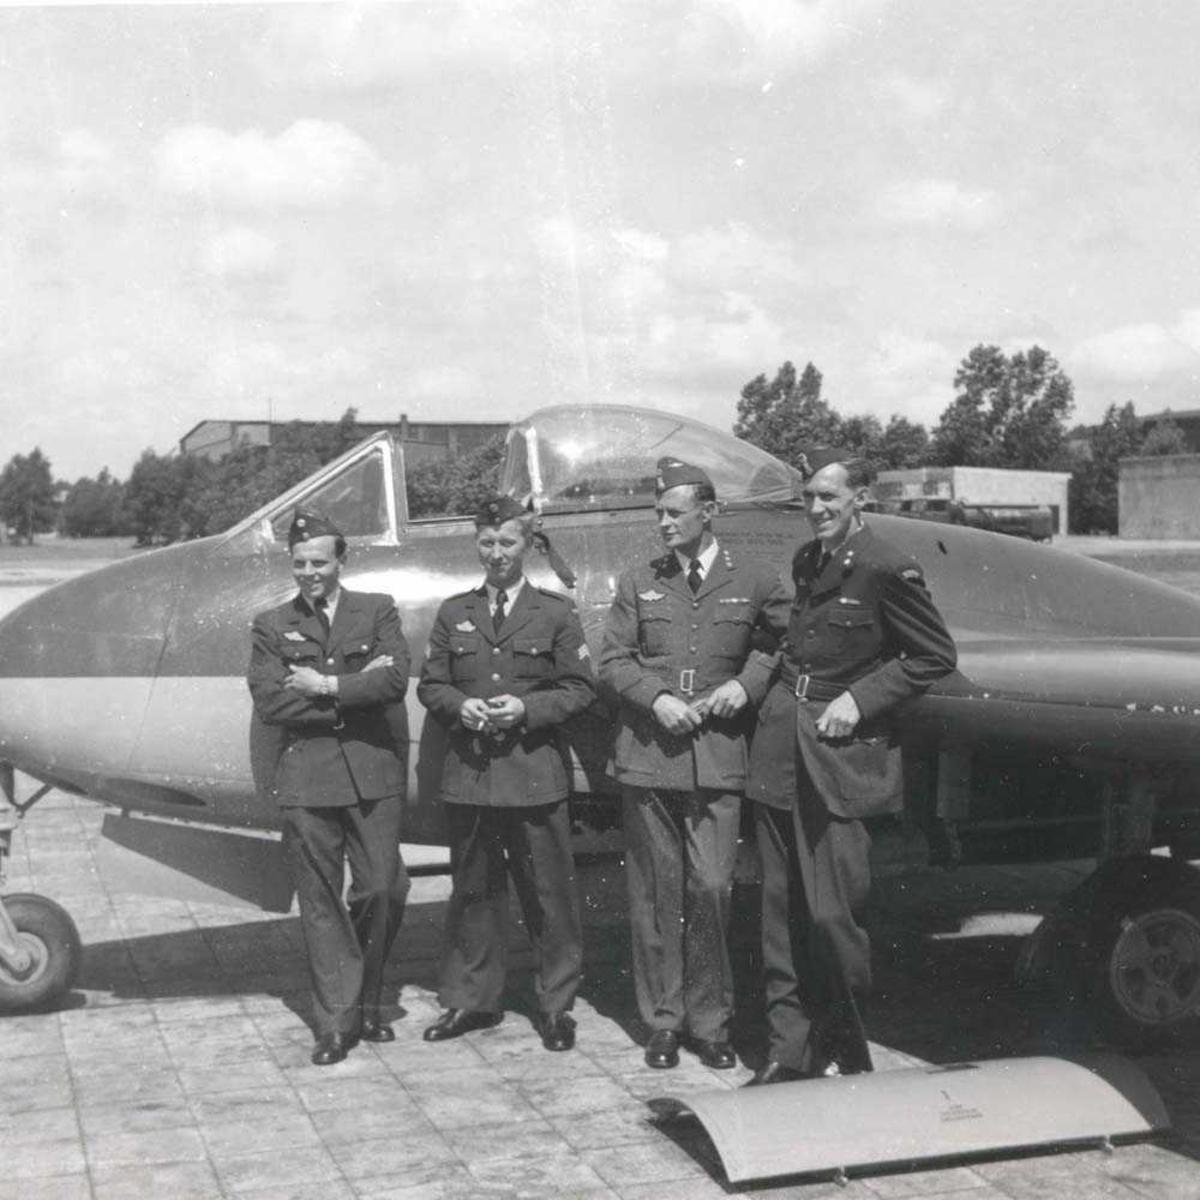 4 piloter som står foran et fly. Vamp.